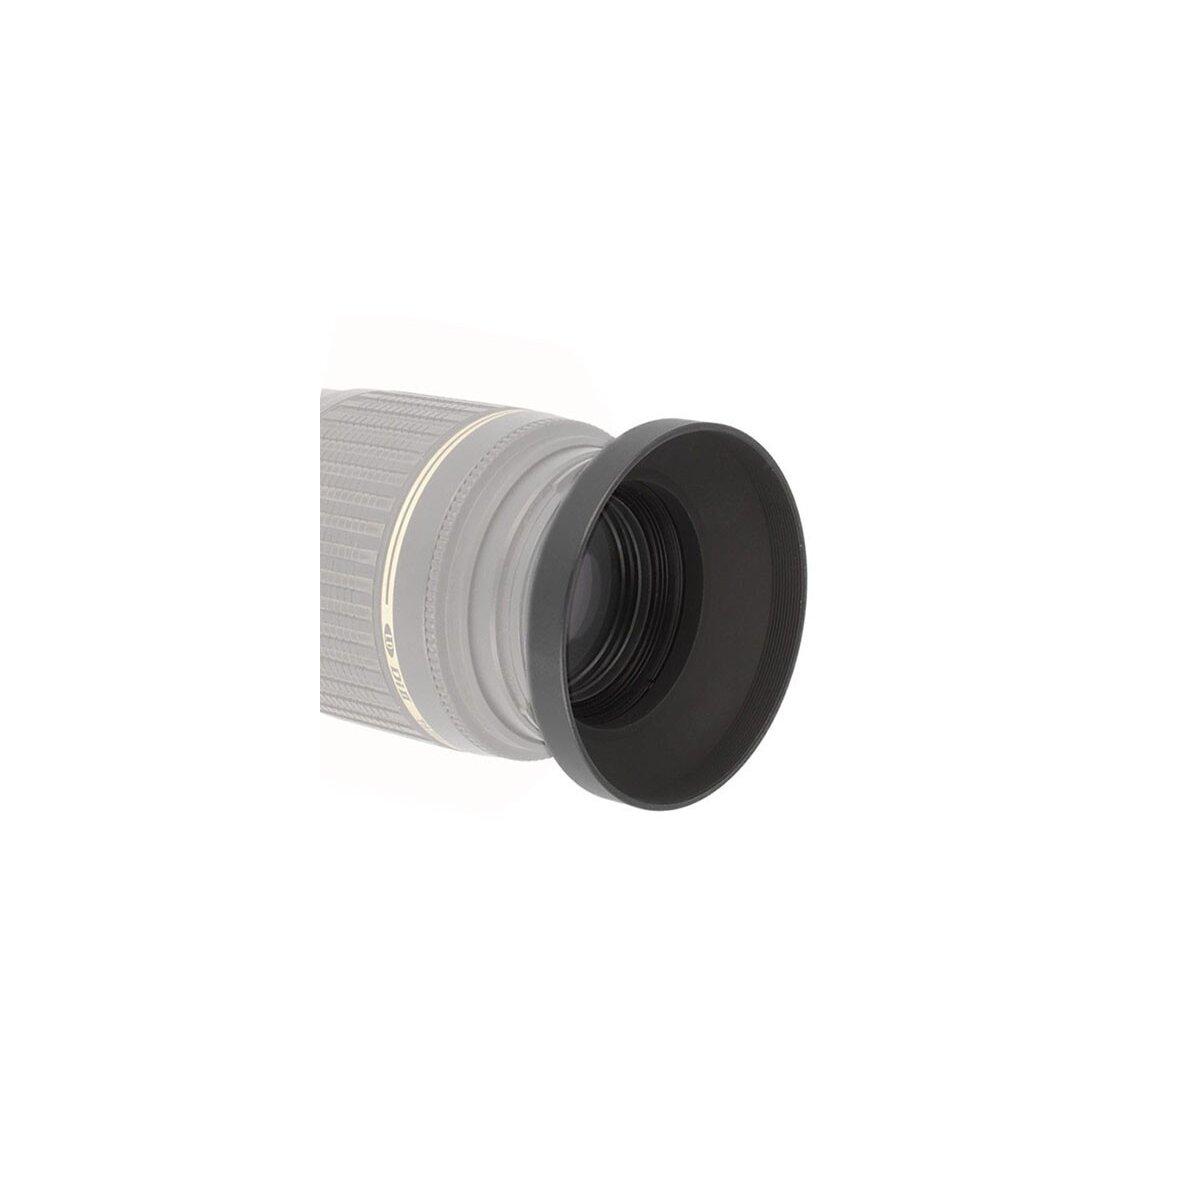 Weitwinkel Sonnenblende / Gegenlichtblende 77mm - Aluminium